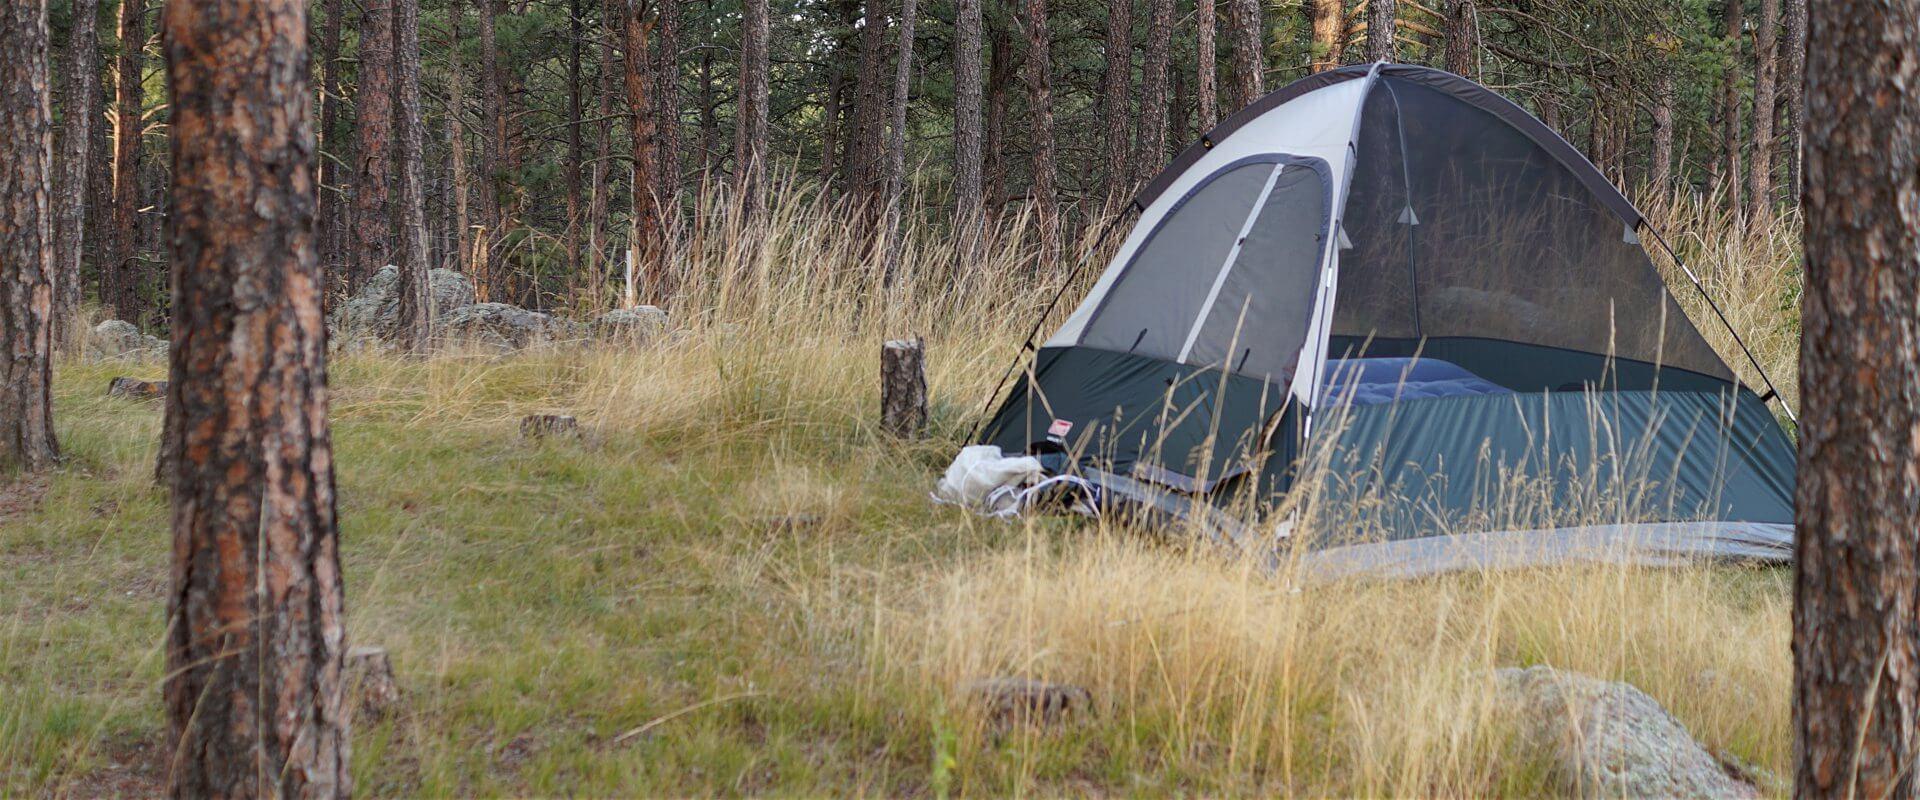 Besondere Campgrounds in den US-Weststaaten